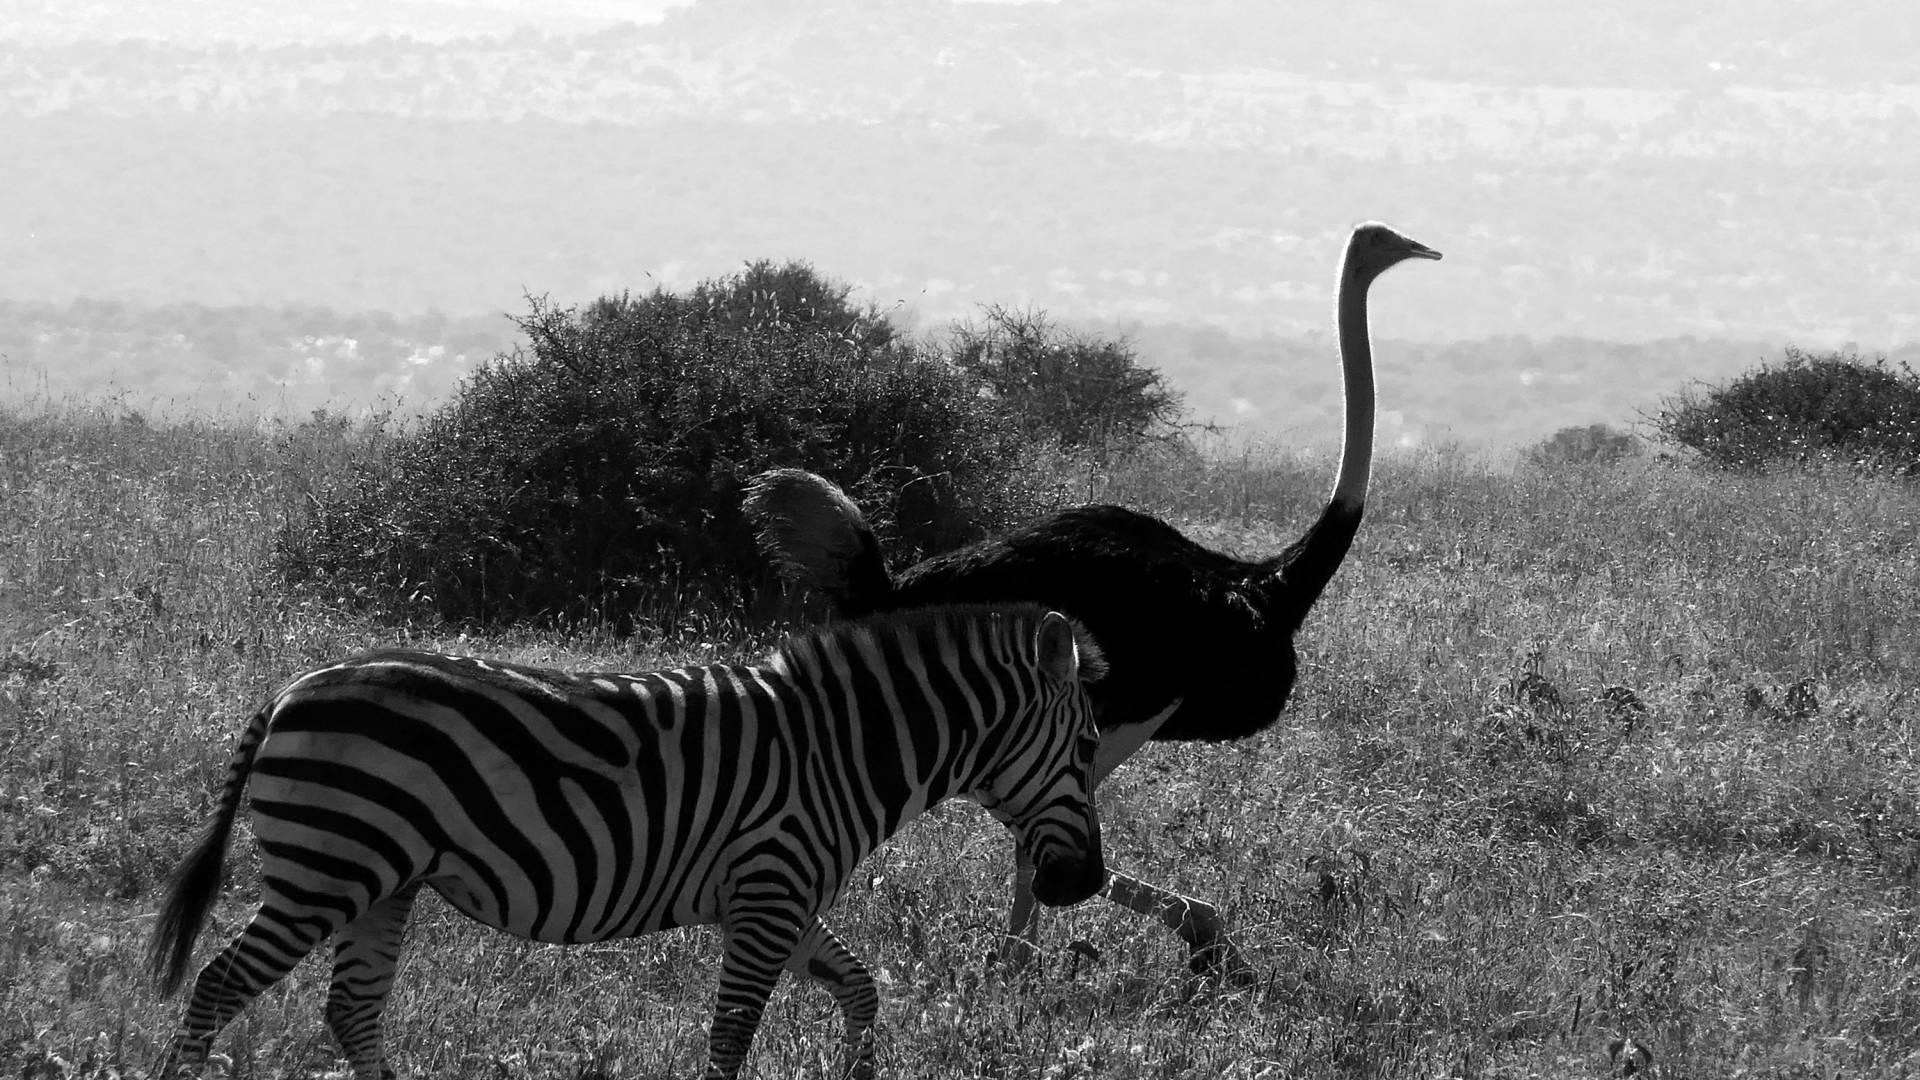 plains zebra and ostritch